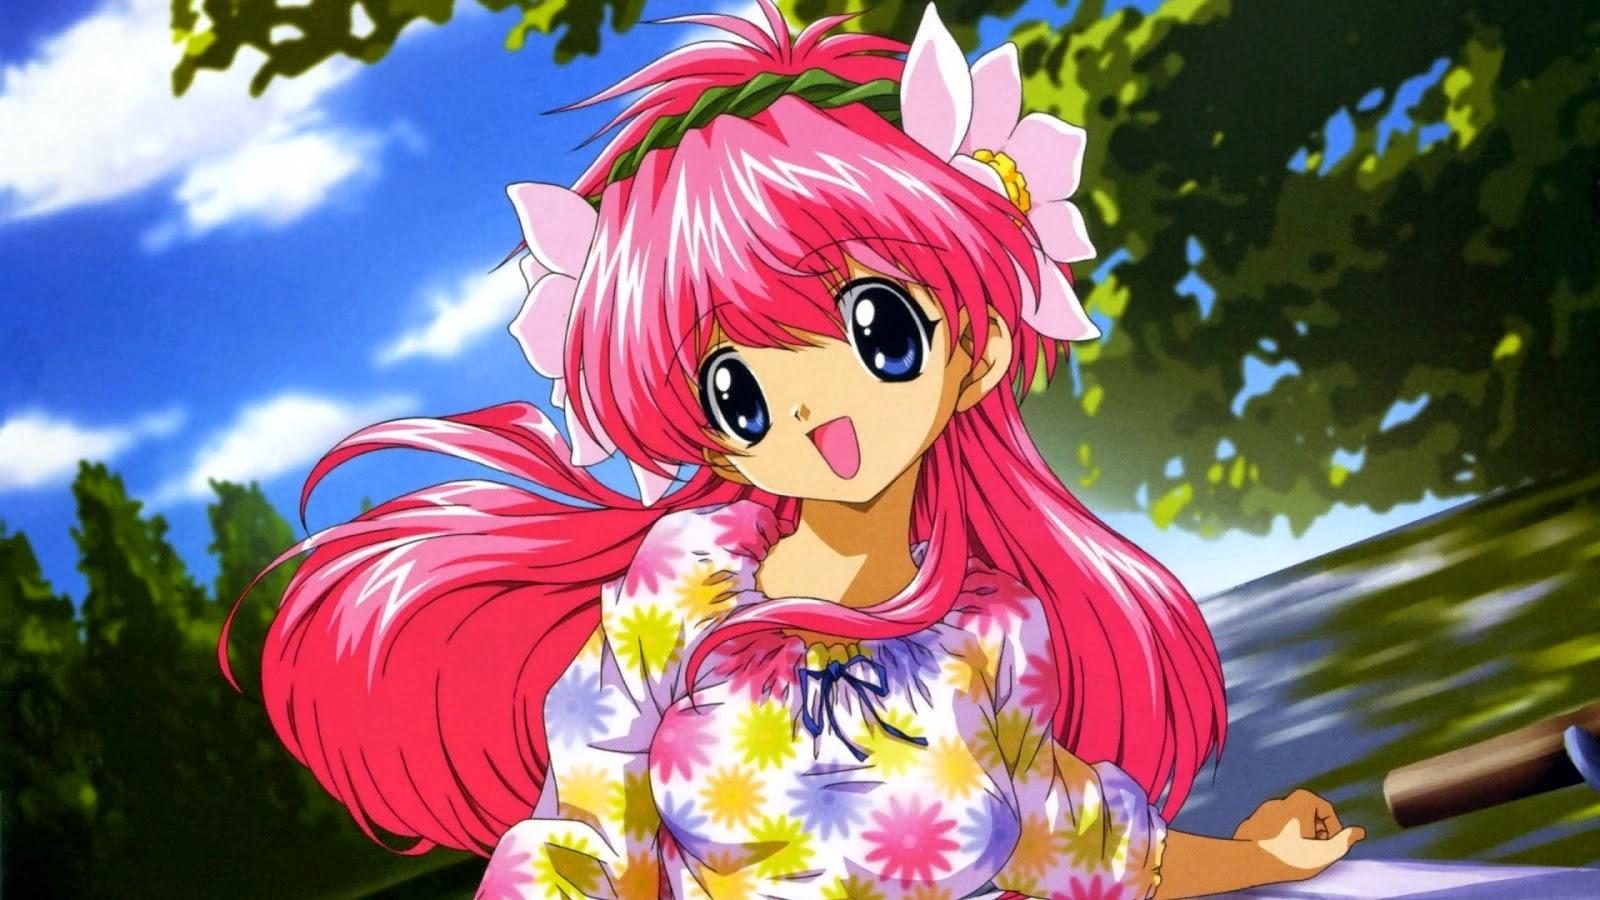 tải hình nền hoạt hình anime siêu đẹp